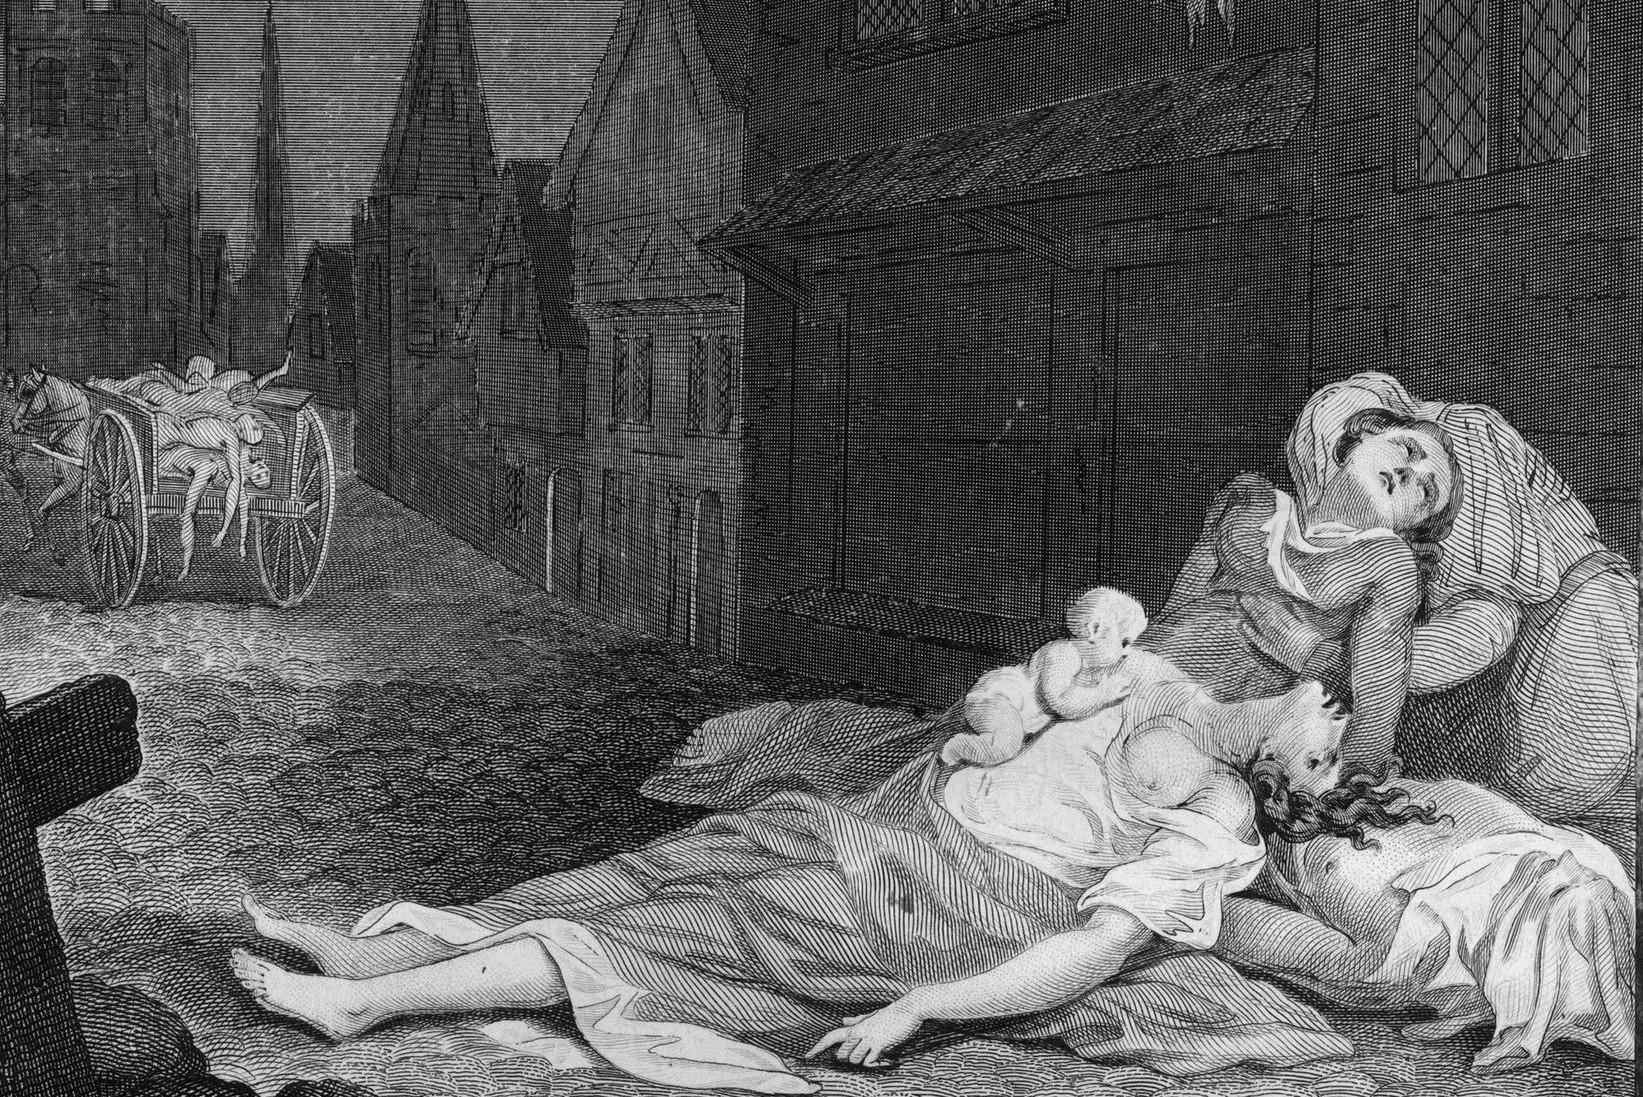 Мртви људи на улицама Лондона током Велике куге 1665. (Фото: Getty Images)